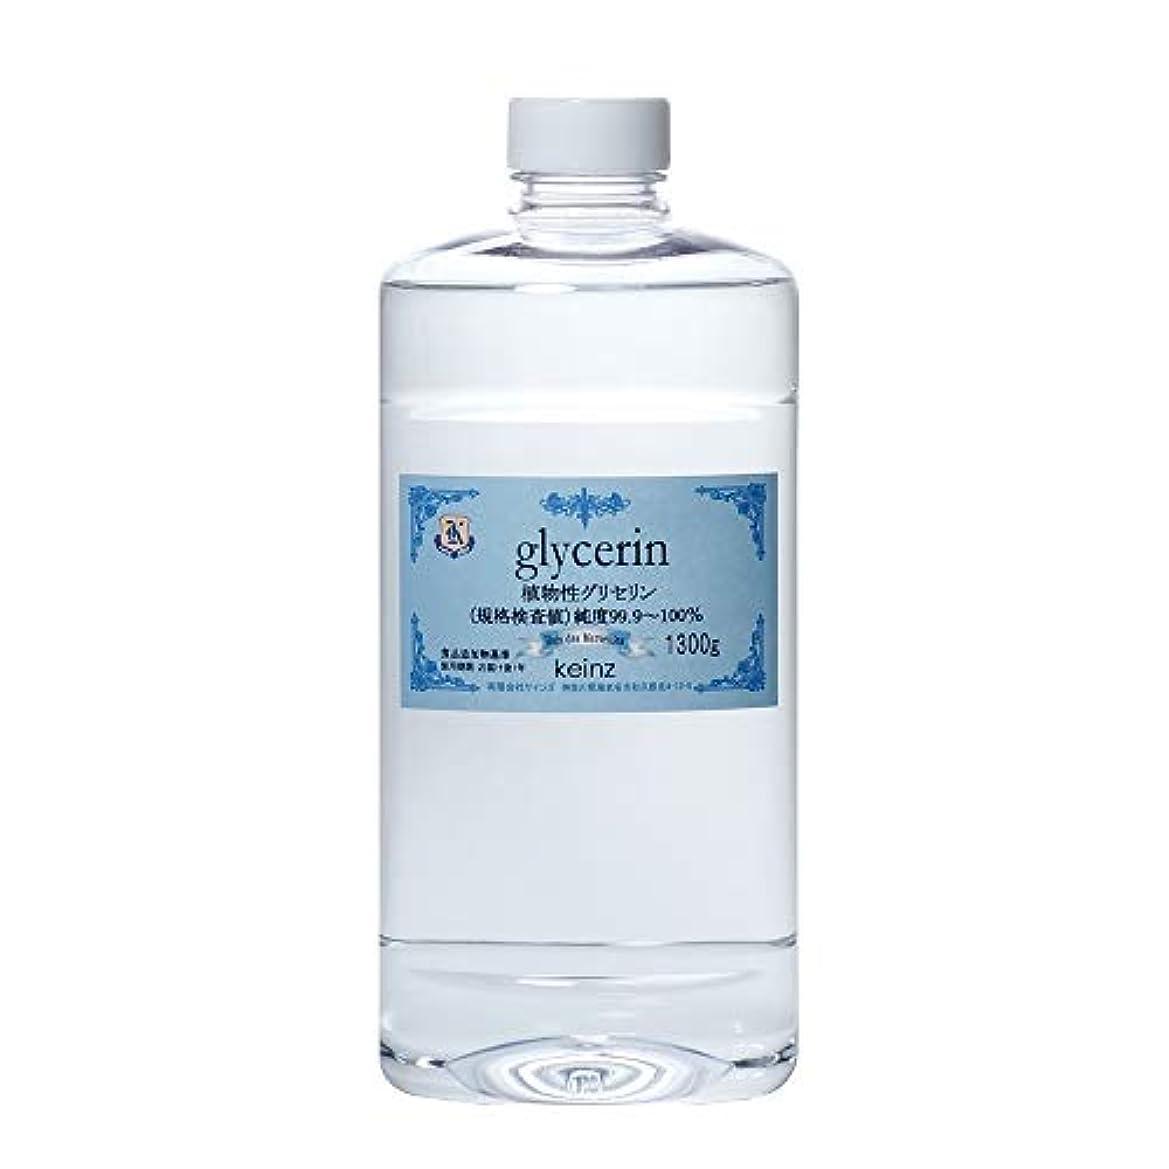 もし利得切手keinz 品質の良いグリセリン 植物性 1300g (1250g+50g増量) 容器が角型に変わりました 純度99.9~100%(検査値) 化粧品材料 keinz正規品 食品添加物基準につき化粧品グレードより純度が高い...